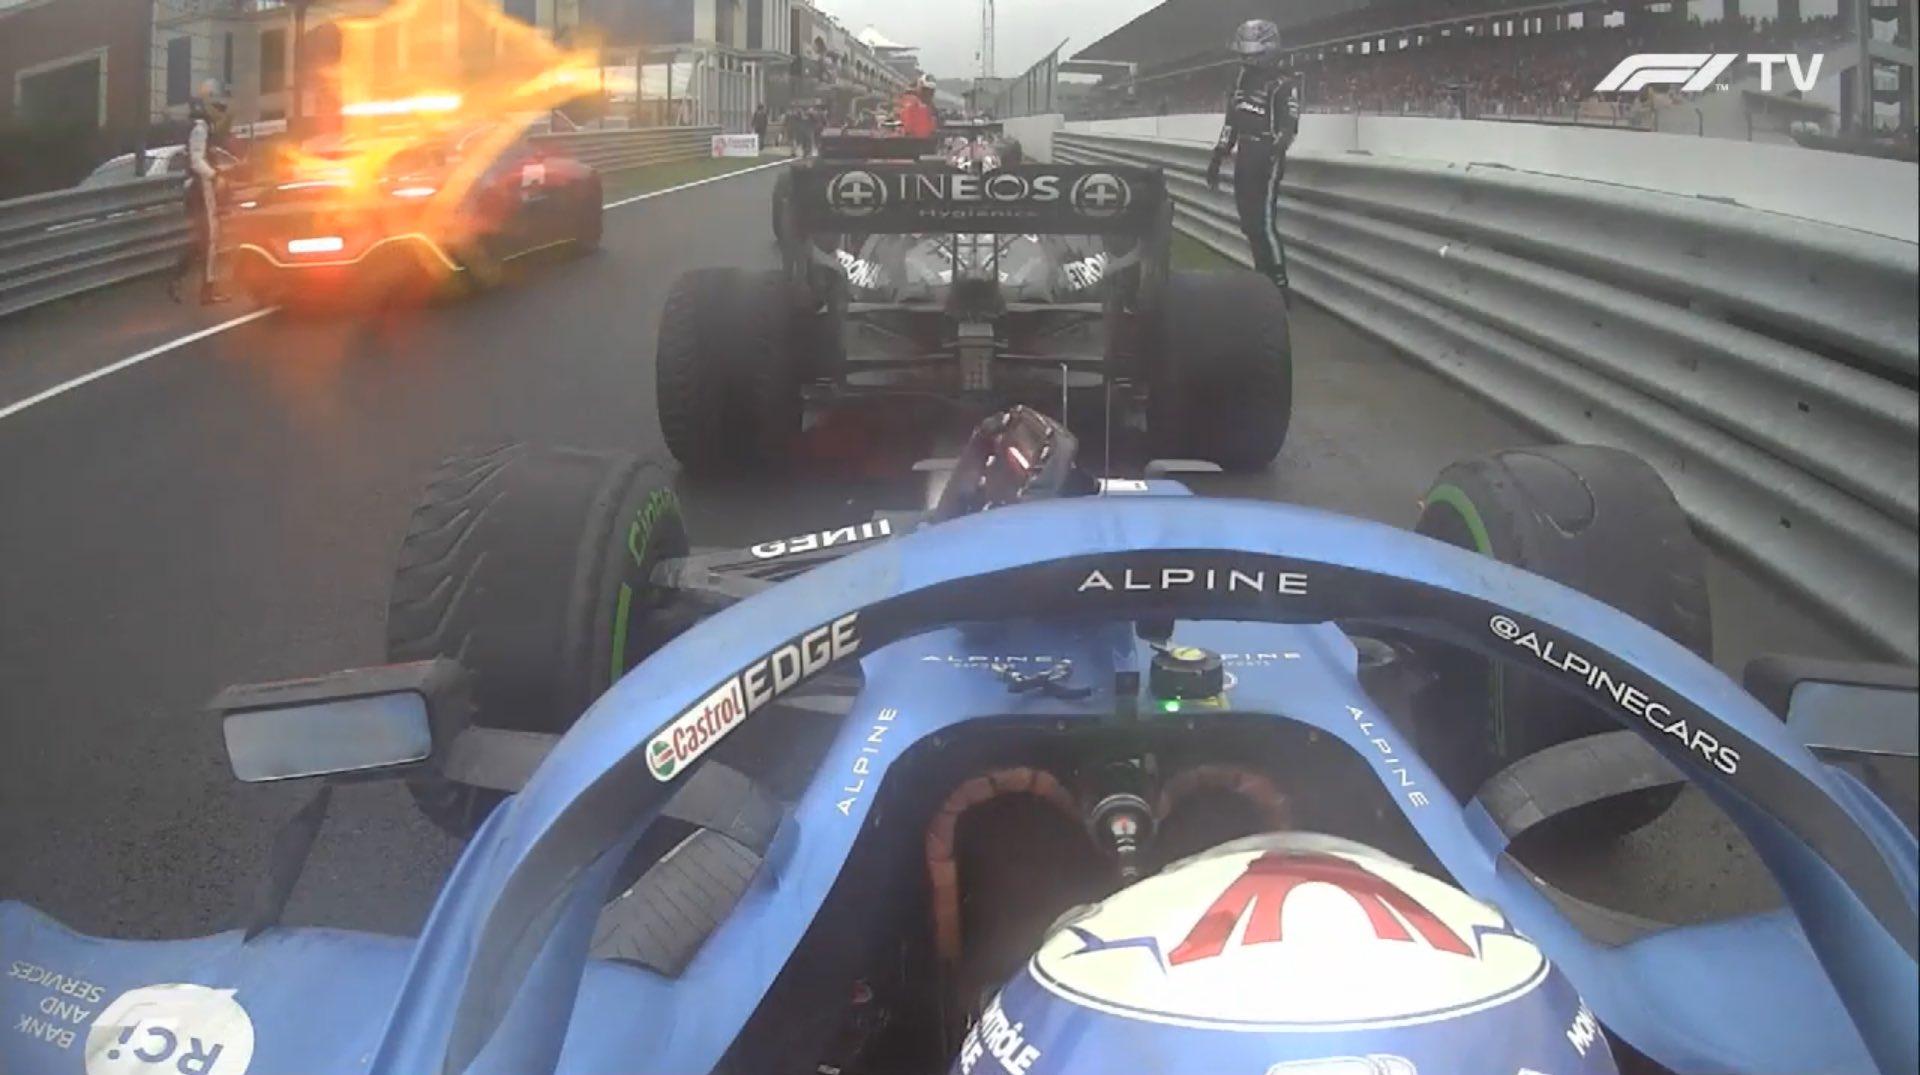 Lewis Hamiltonafferma che la Mercedes ha fatto la scelta sbagliata su quando cambiare le gomme durante le fasi finali del Gran Premio di Turchia.